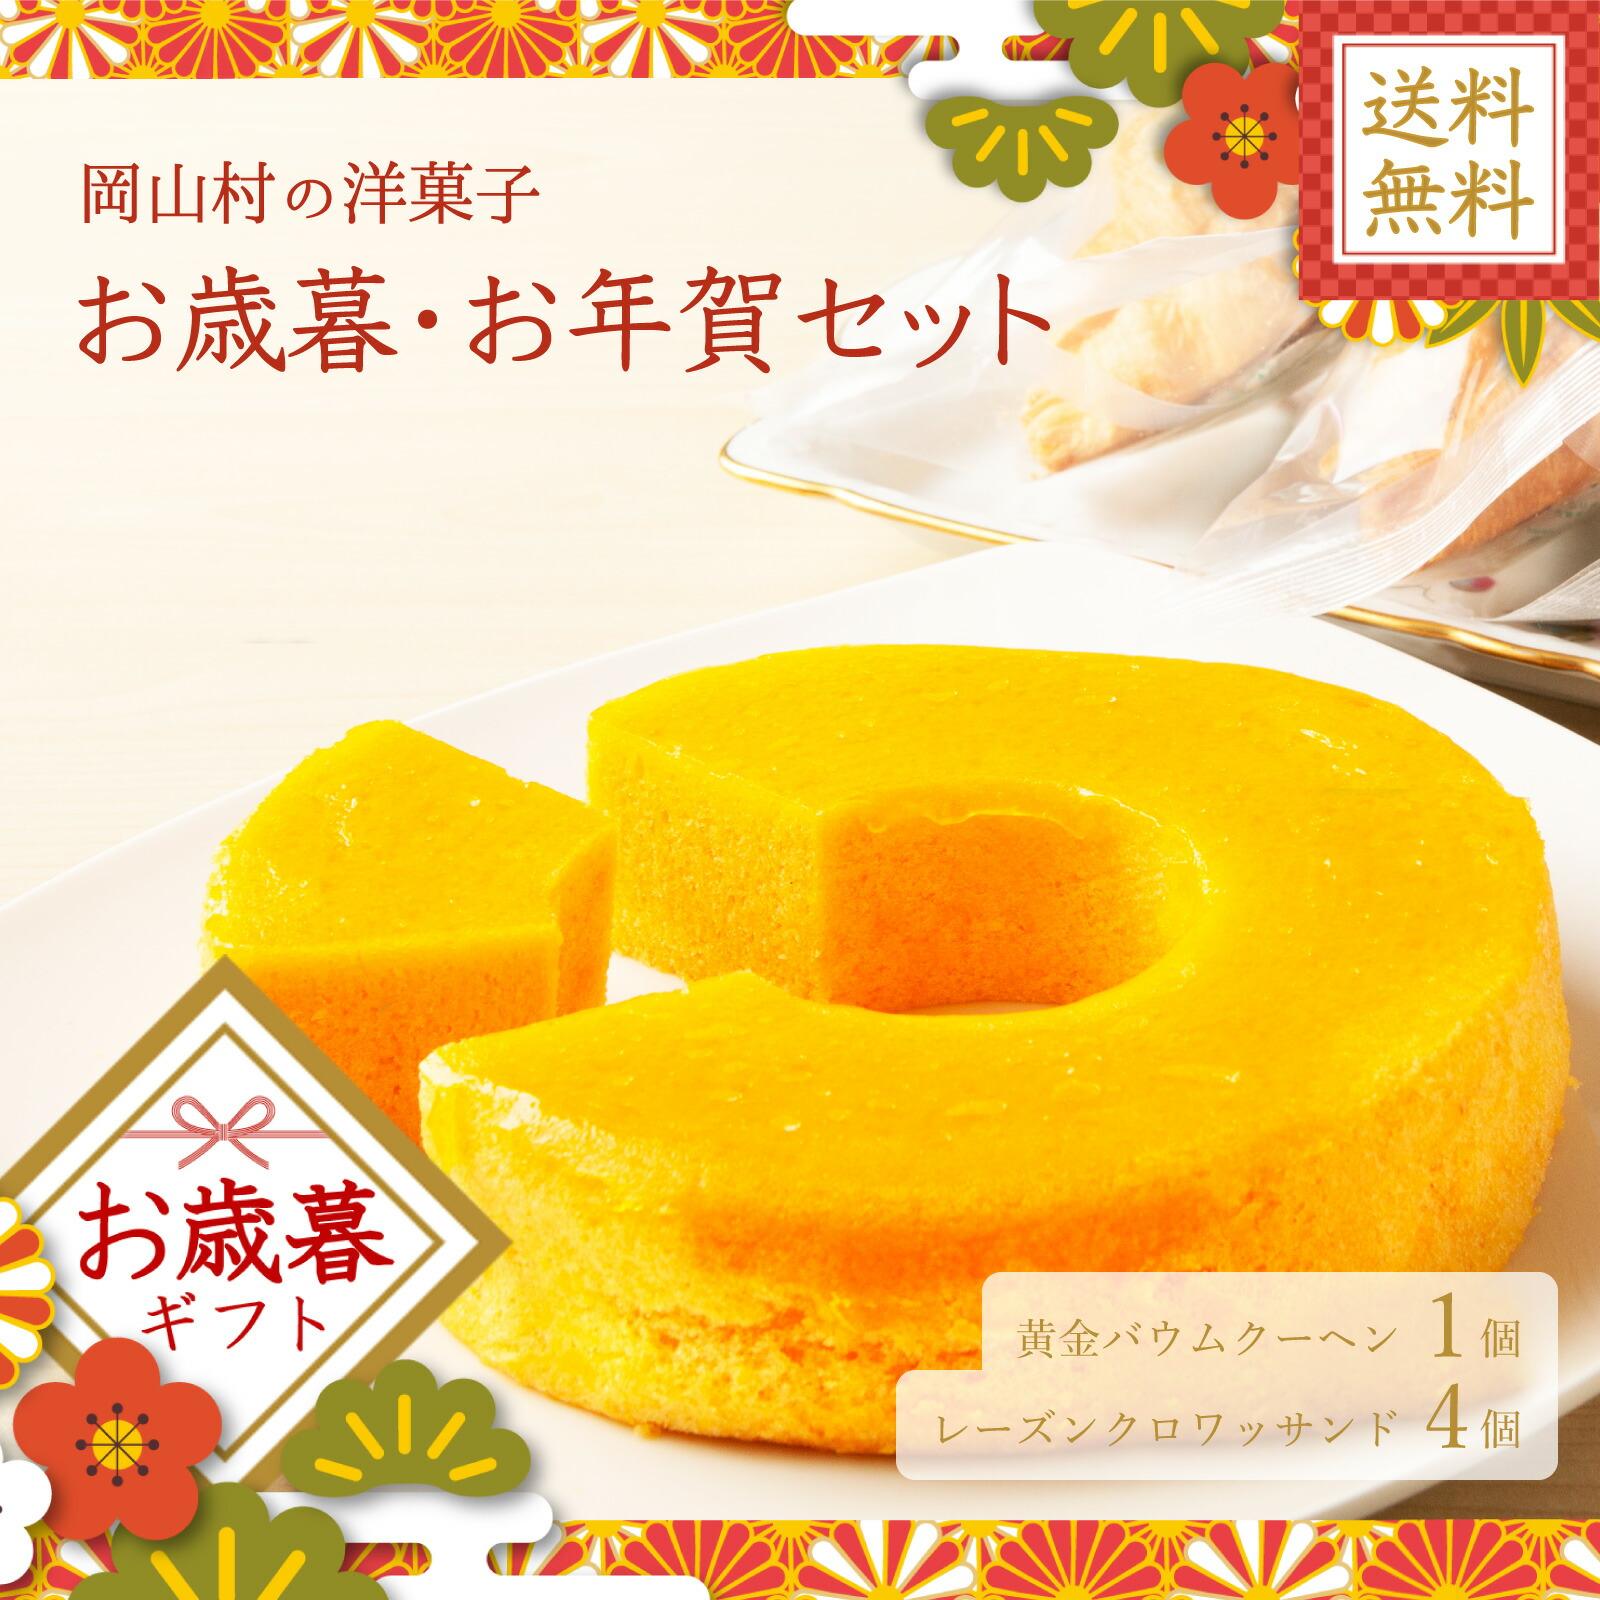 岡山村「洋菓子」の御歳暮セット